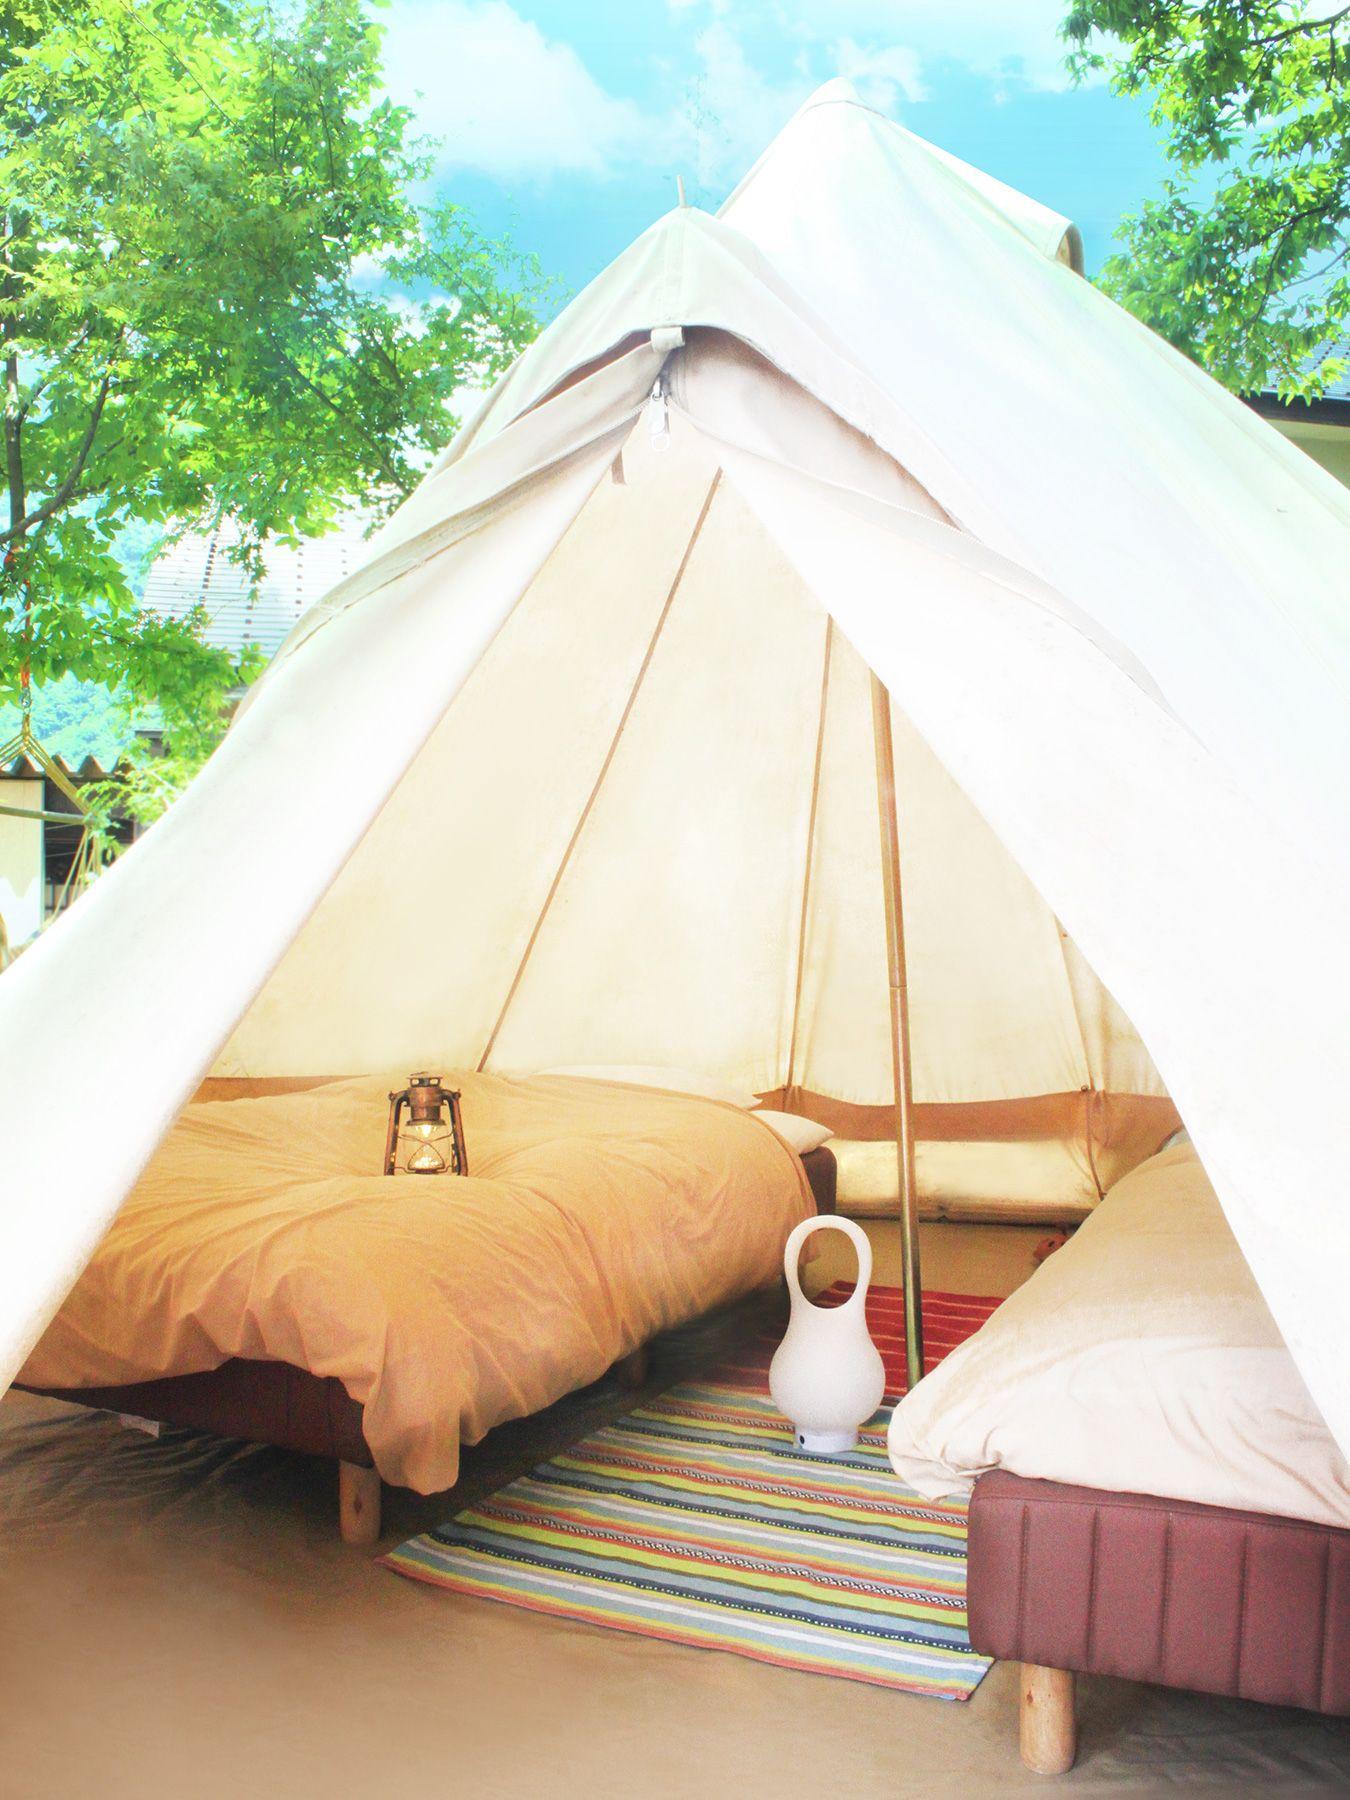 おしゃれキャンプでインスタ映え 北陸でグランピングするなら一里野高原ホテルろあん グランピング キャンプ おしゃれ キャンプ